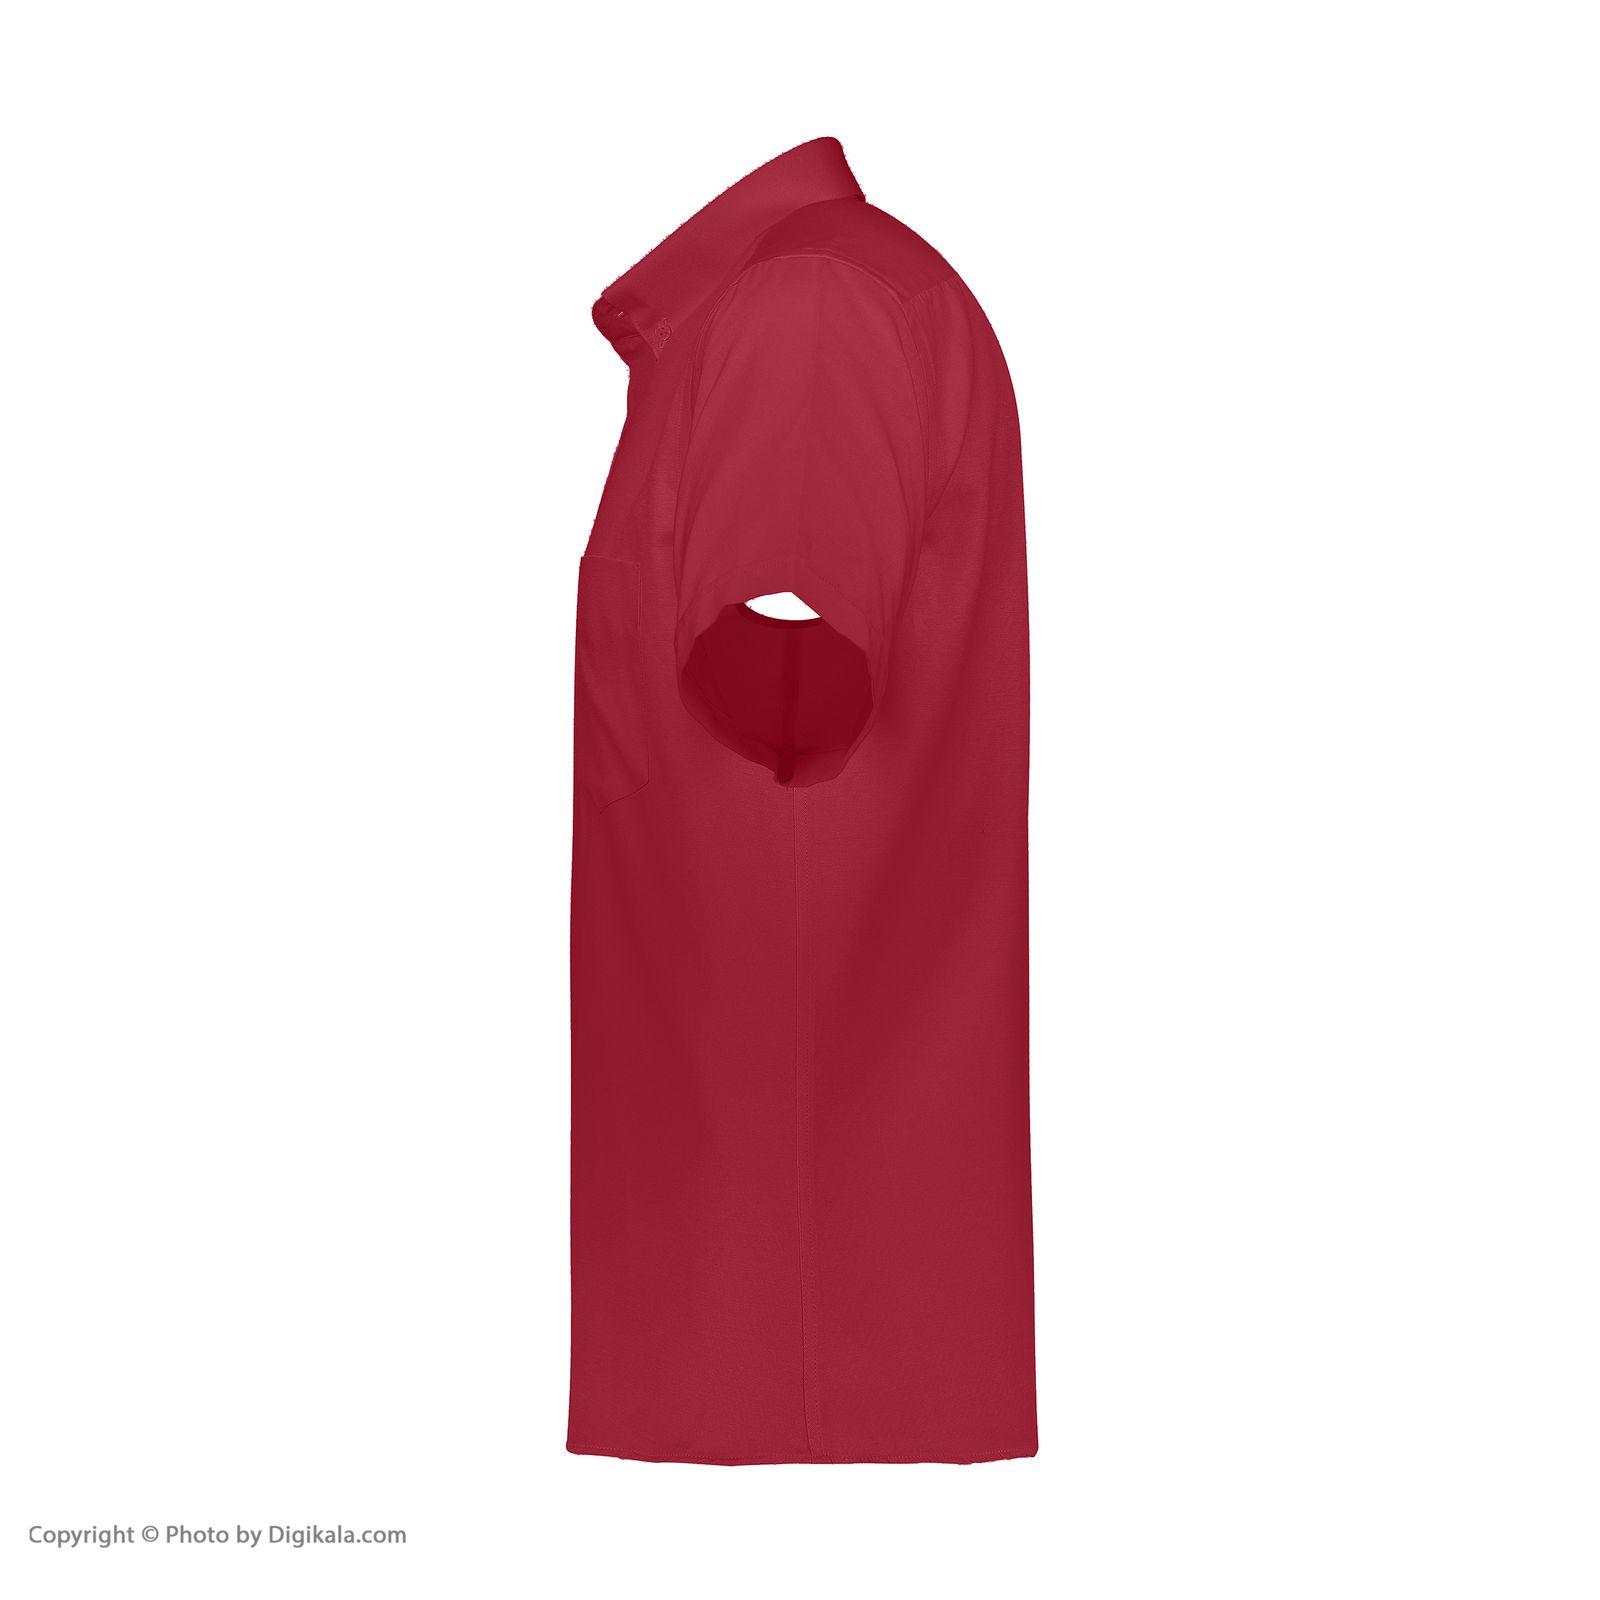 پیراهن مردانه زی مدل 153119770 -  - 2